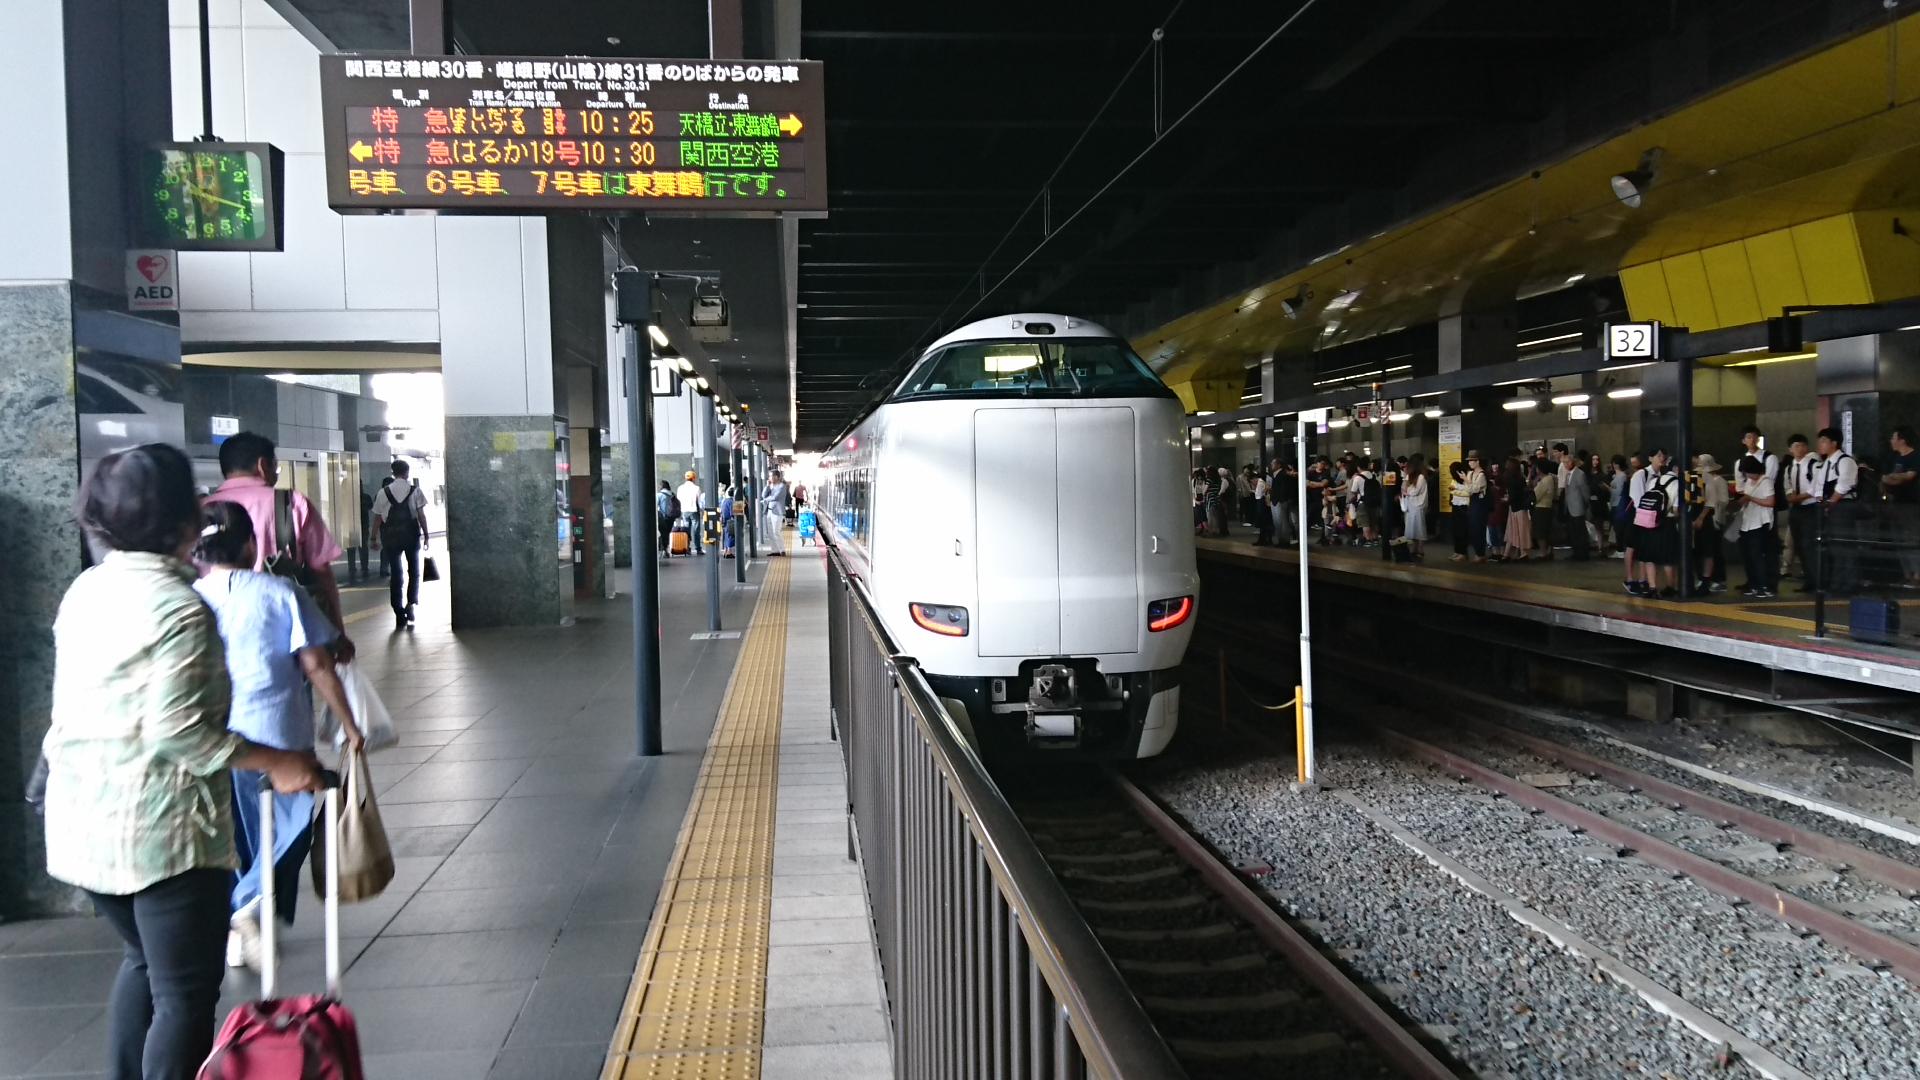 2017.6.3 豊岡 (11) 京都 - はしだて、まいづる 1920-1080